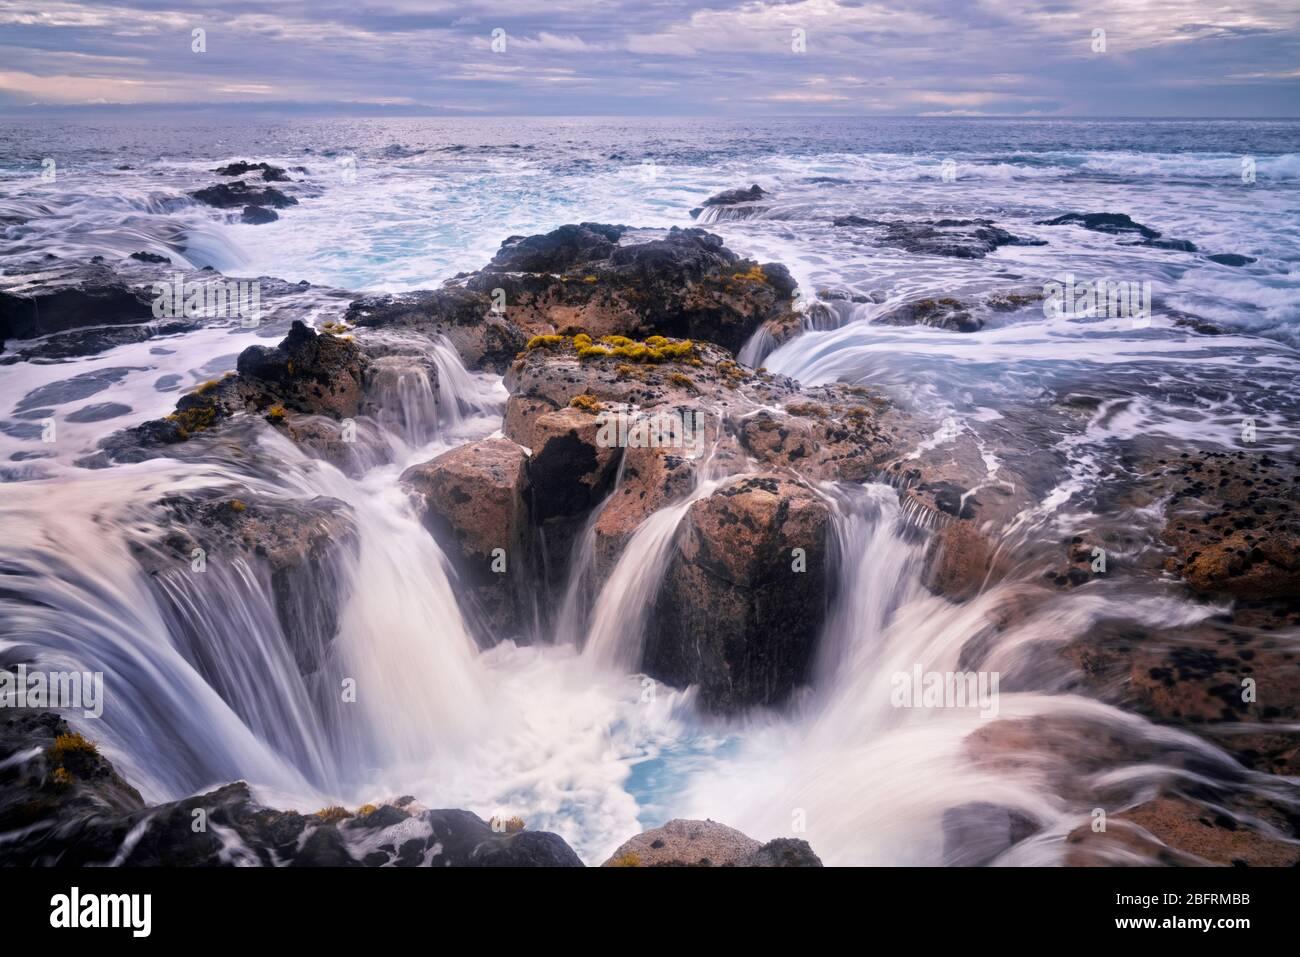 La marée haute du soir se verse dans le tube de lave connu sous le nom de Pele's well près de Wawaloli Beach sur la Big Island d'Hawaï. Banque D'Images